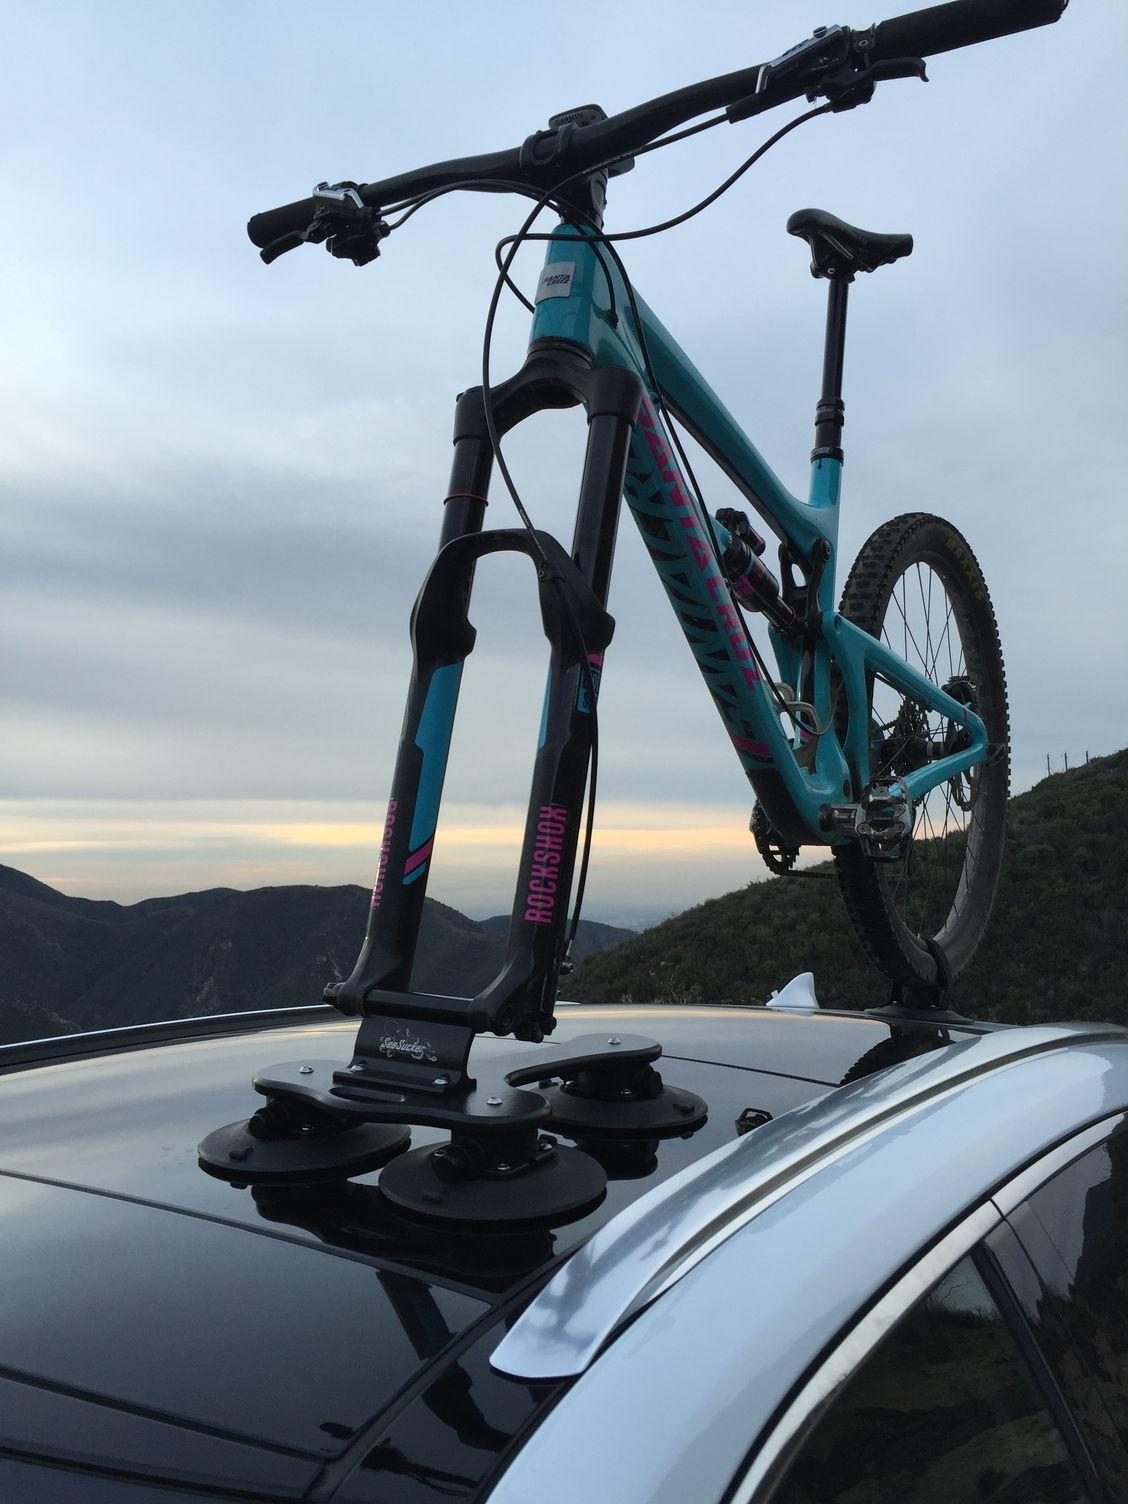 Seasucker Bike Rack Option No Crossbars No Hitch No